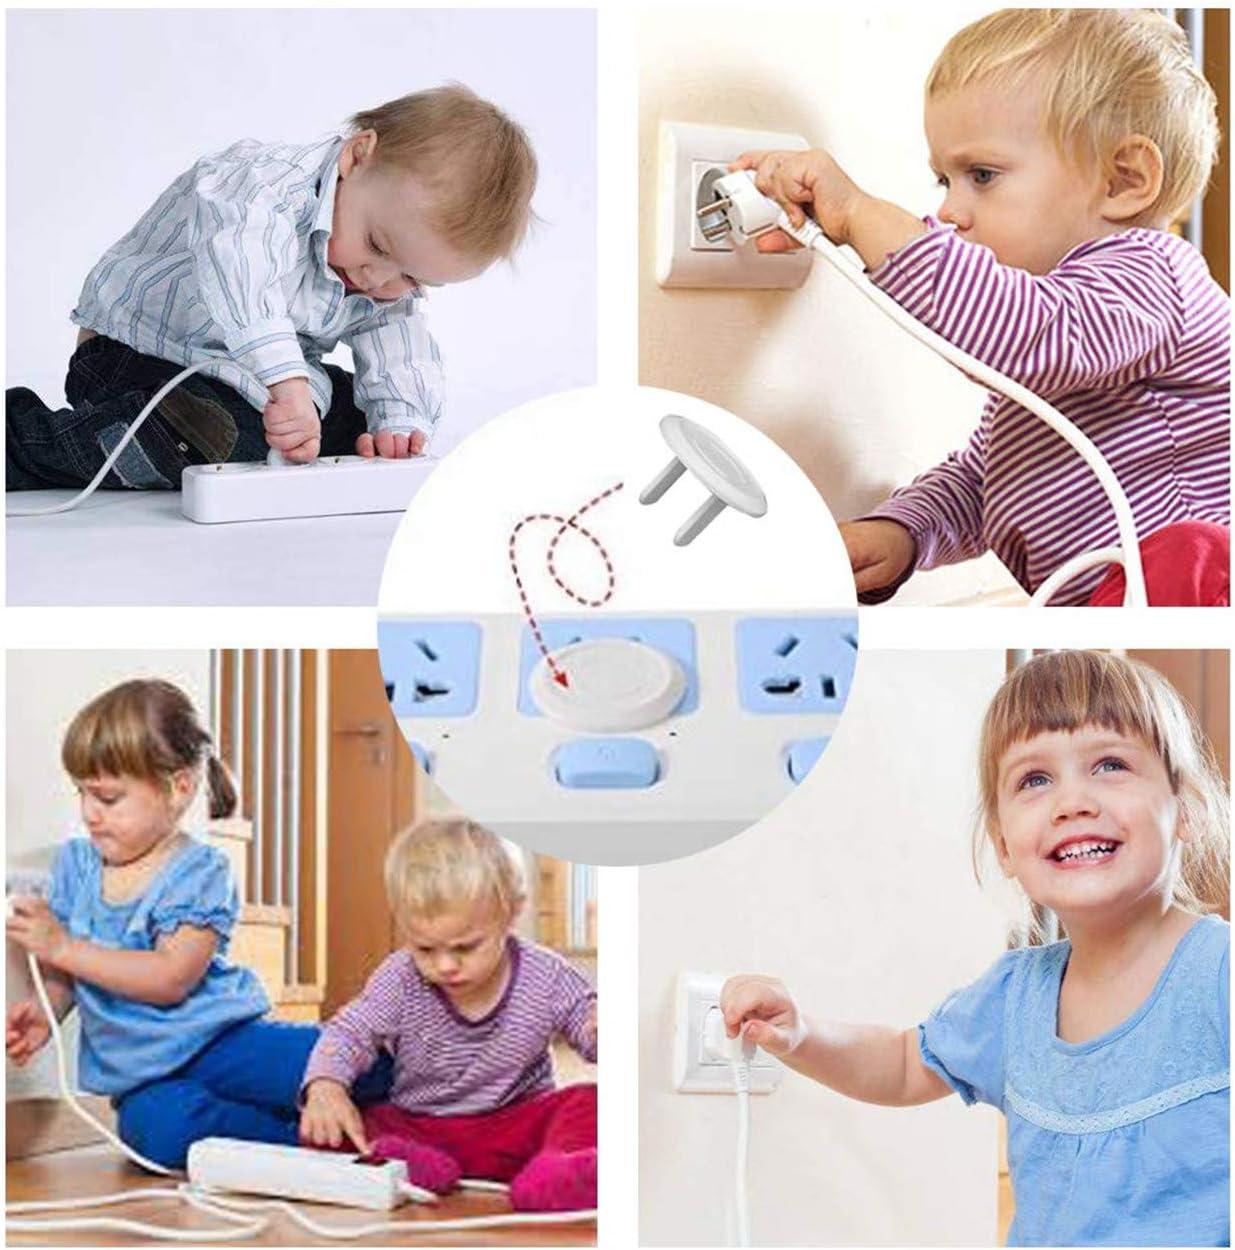 Scoolr Lot de 16 verrous de s/écurit/é enfant pour armoires et tiroirs